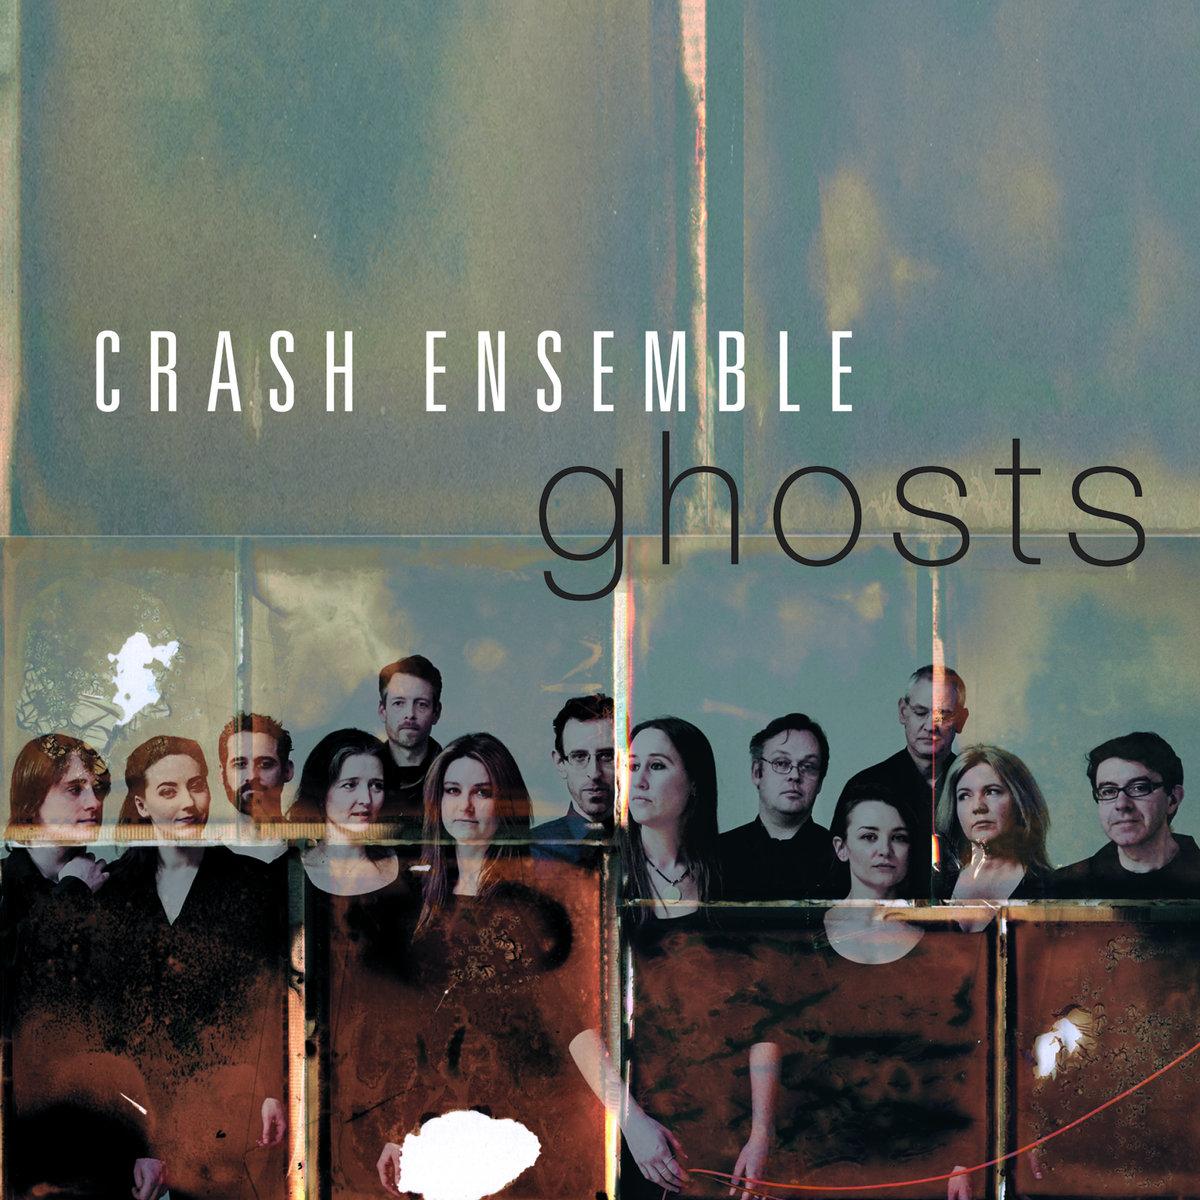 CRASH ENSEMBLEGHOSTS - CD/DIGITAL